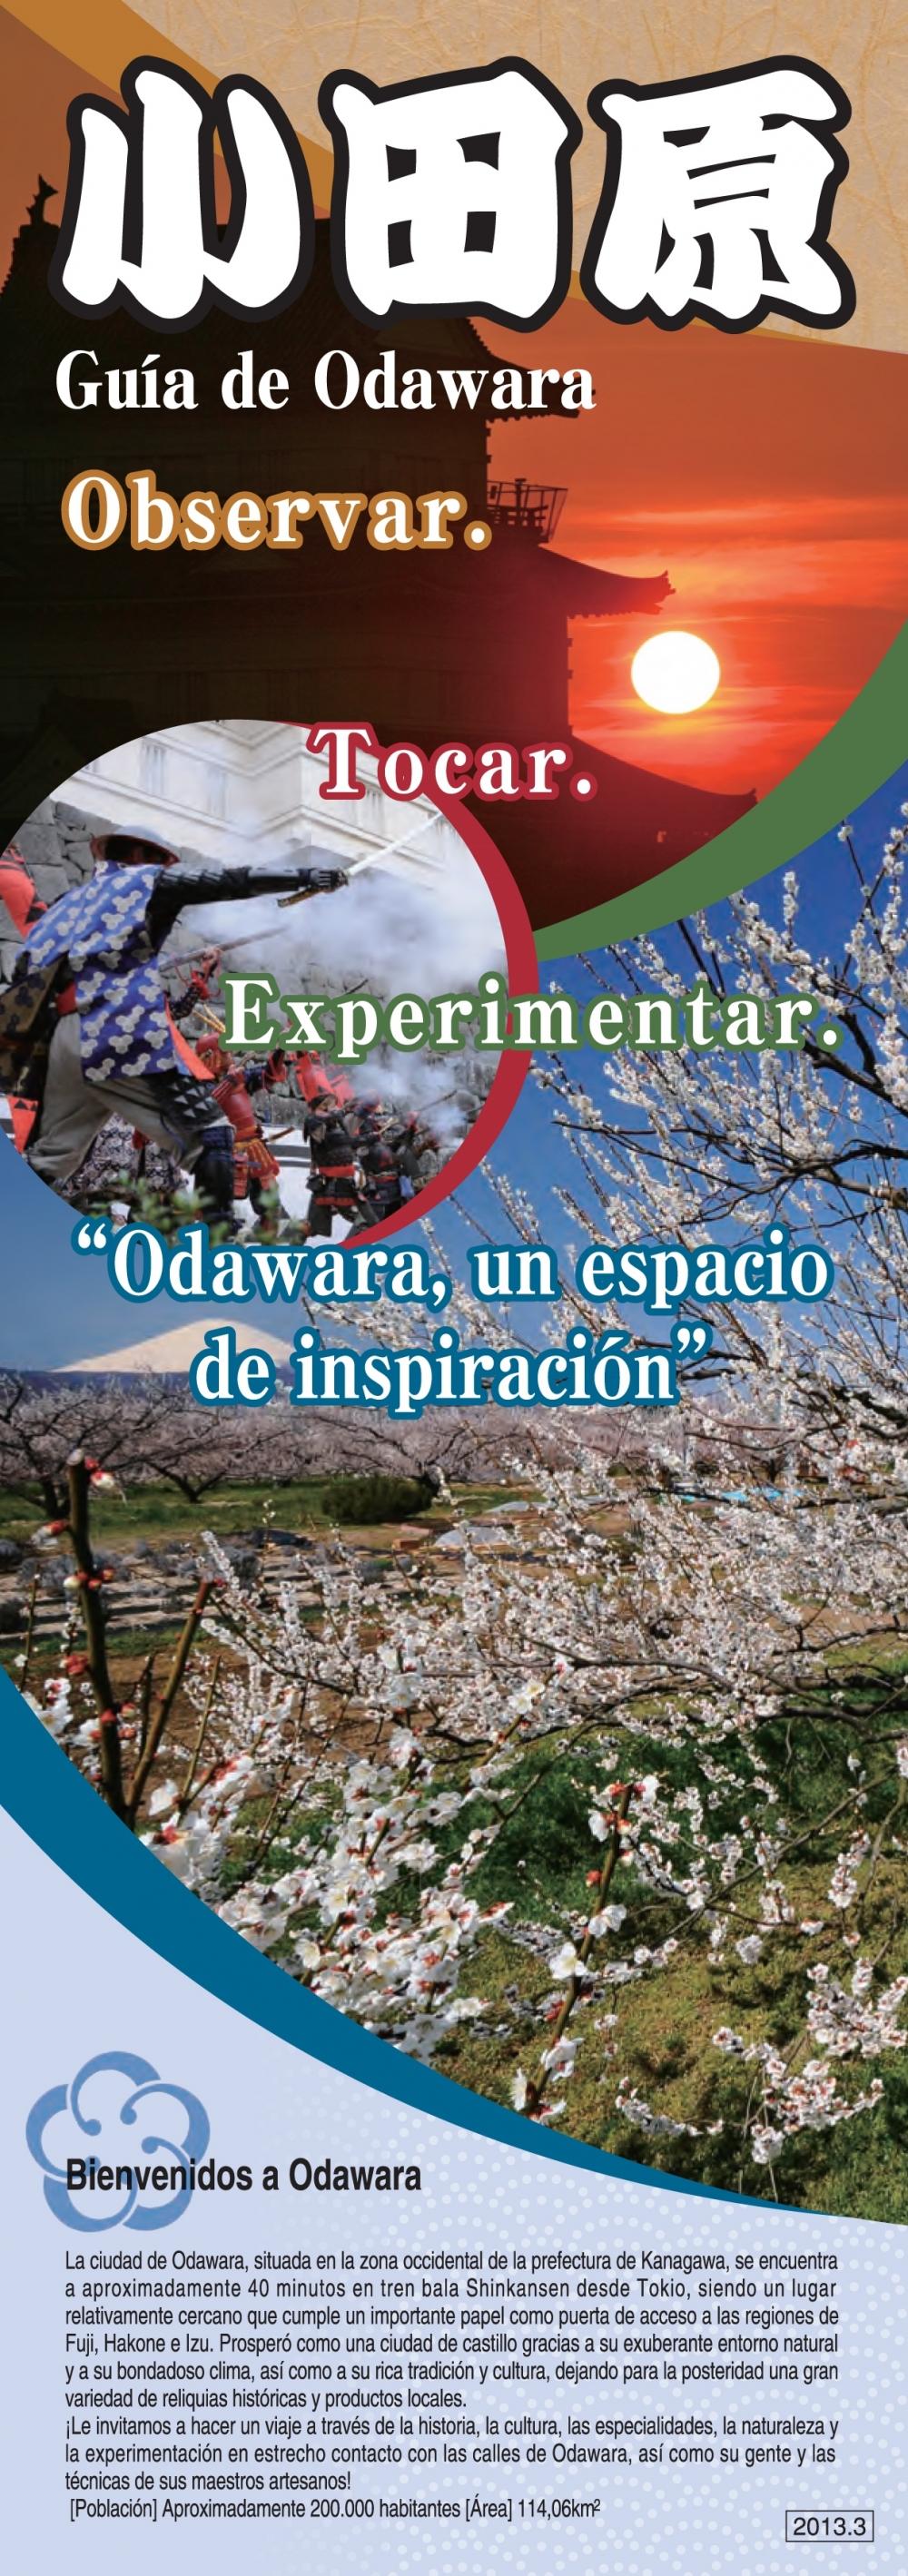 Guía de Odawara